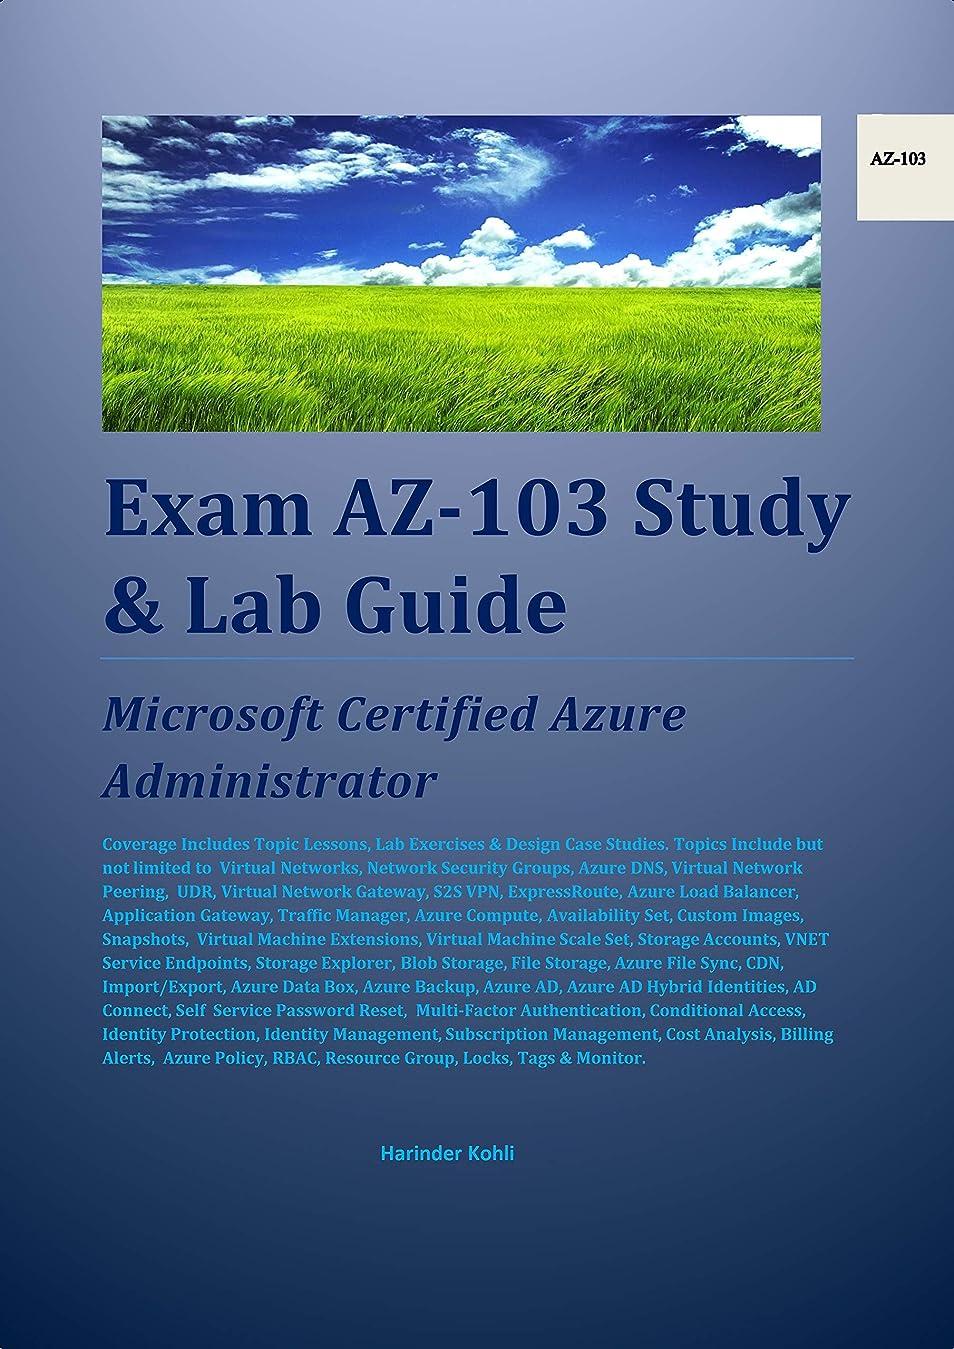 せっかち待つボンドExam AZ-103 Study & Lab Guide: Microsoft Certified Azure Administrator (English Edition)